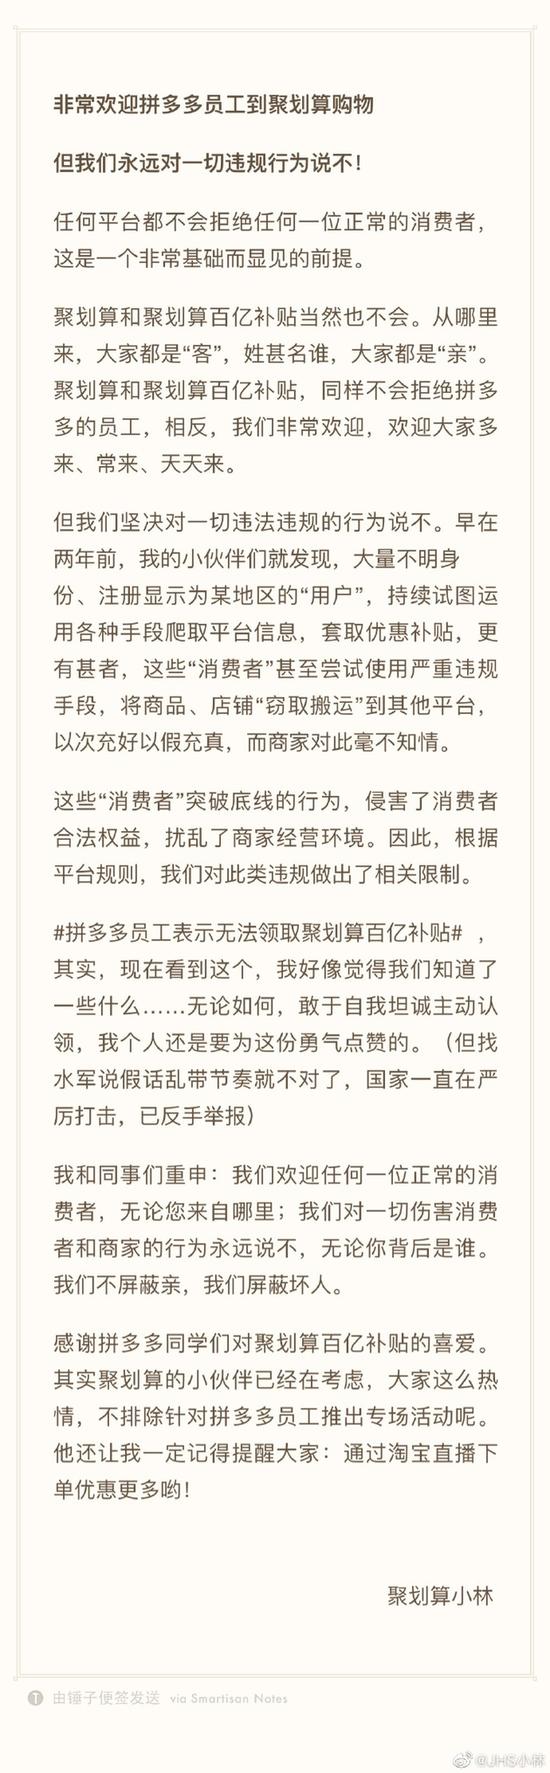 """阿里巴巴回应""""封拼多多员工淘宝账号"""":对伤害消费者和商家行为说不"""